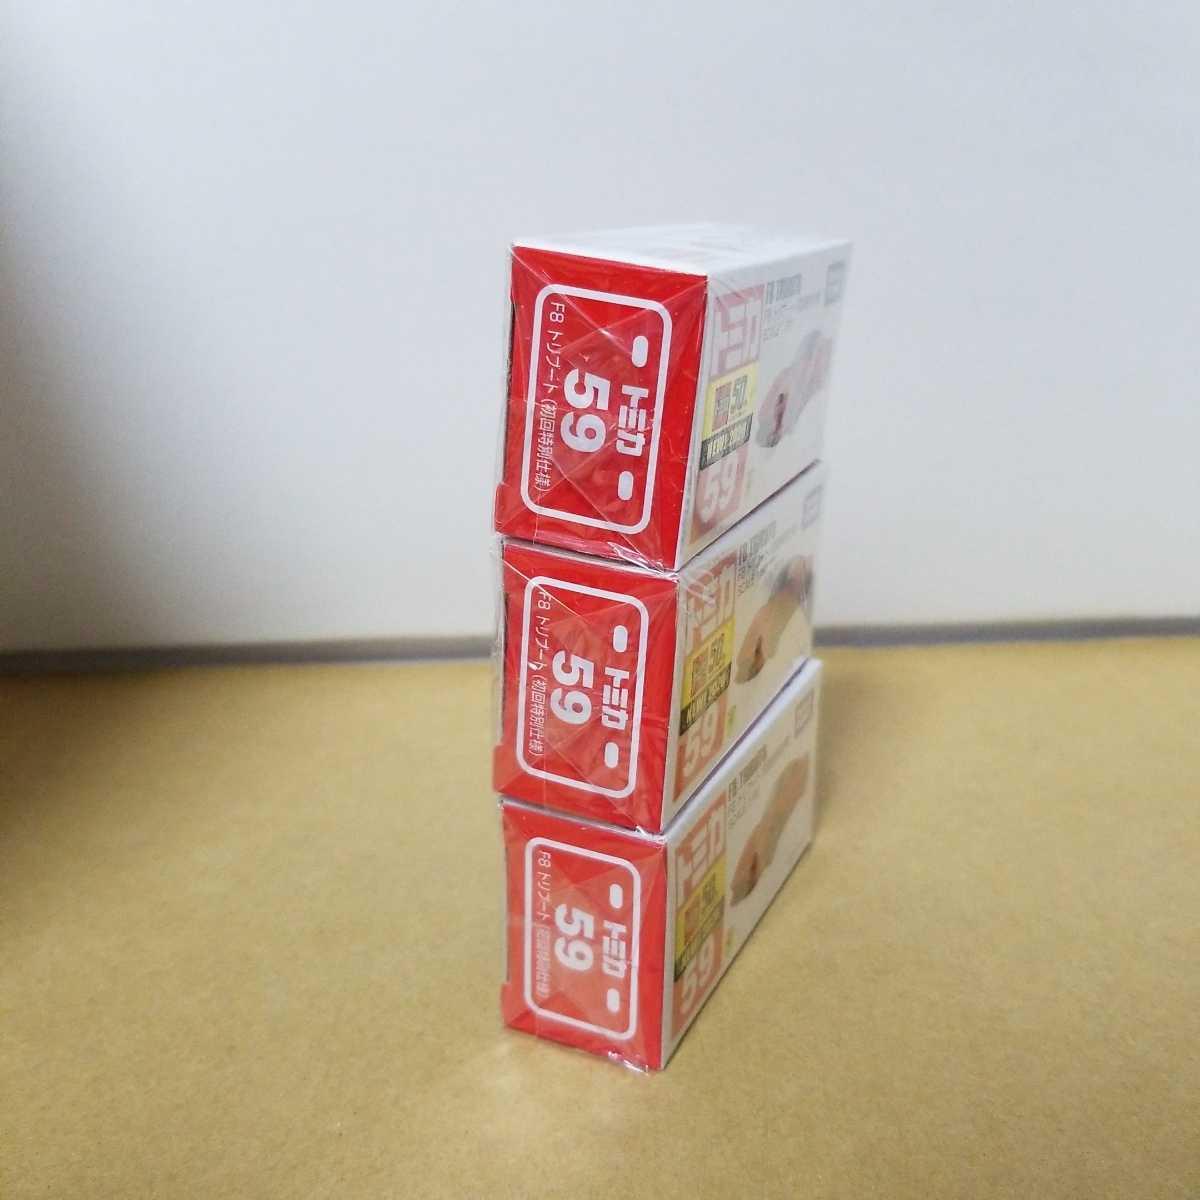 ★☆トミカ No.59 F8 トリブート フェラーリ 初回特別仕様 赤 レッド 3台セット☆★_状態は写真・質問にてご確認、ご判断下さい